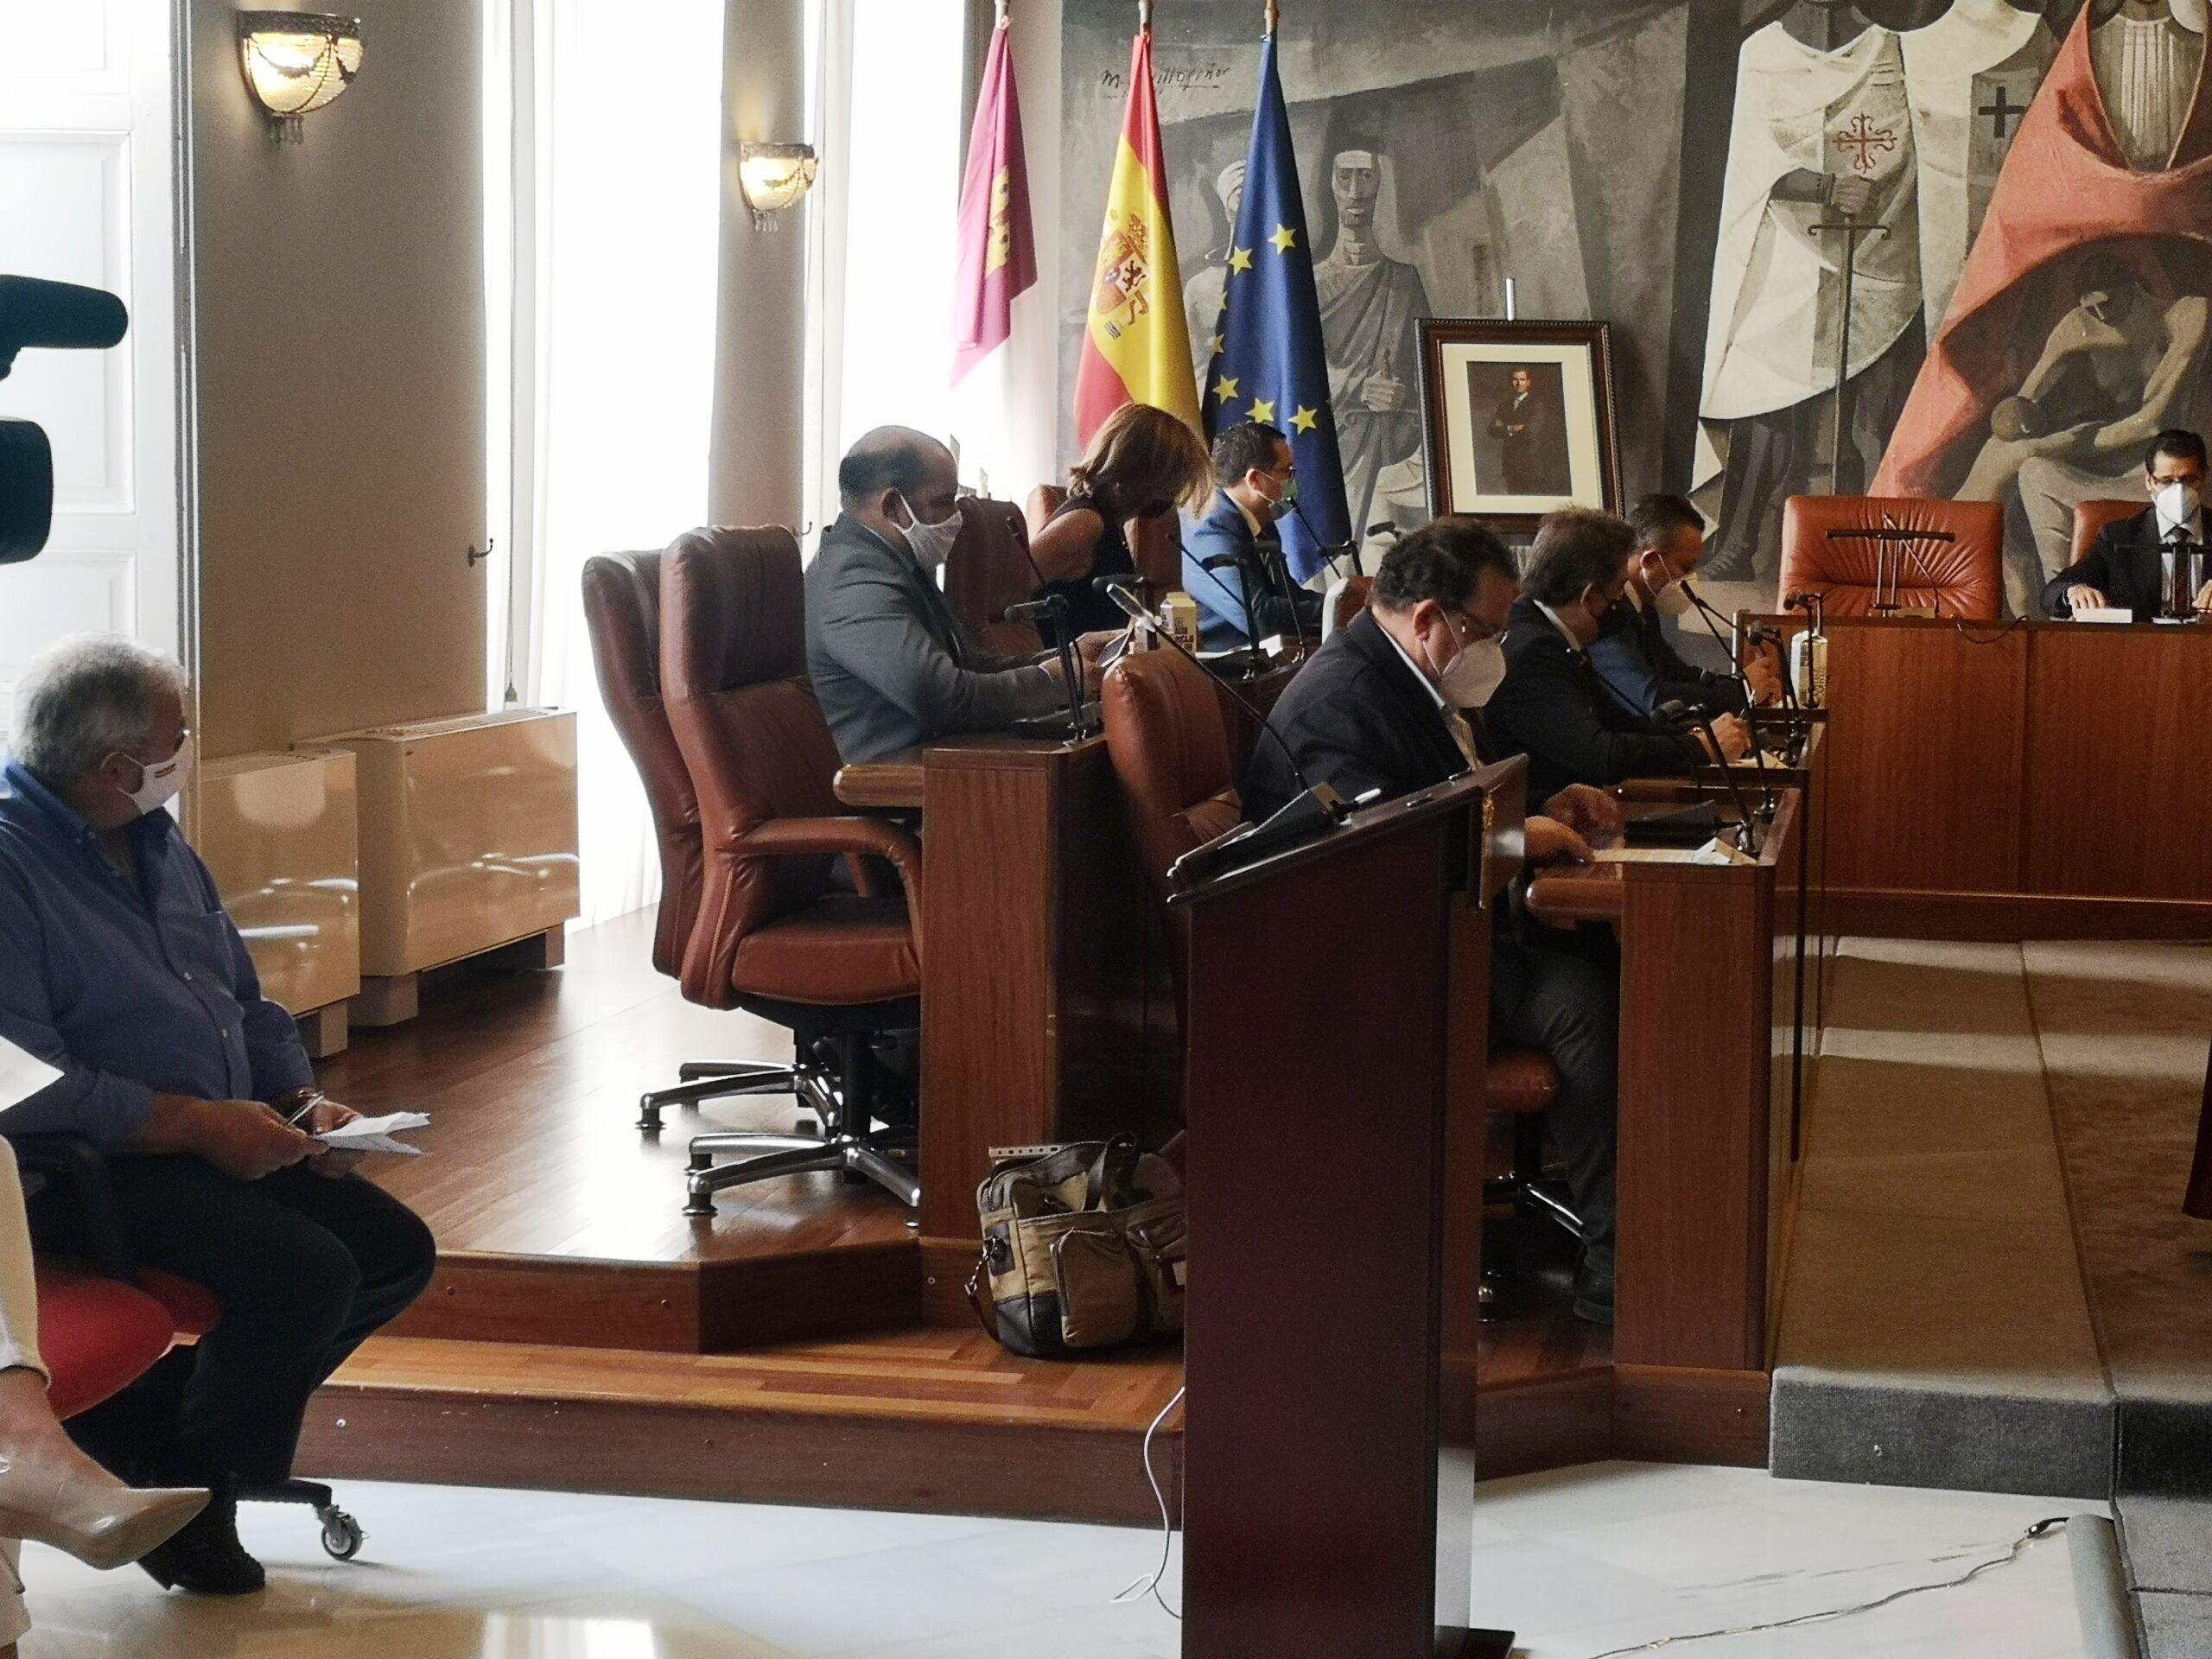 El Grupo Popular pone de manifiesto y demuestra las deficiencias que el Tribunal de Cuentas señala respecto a las cuentas de la Diputación Provincial